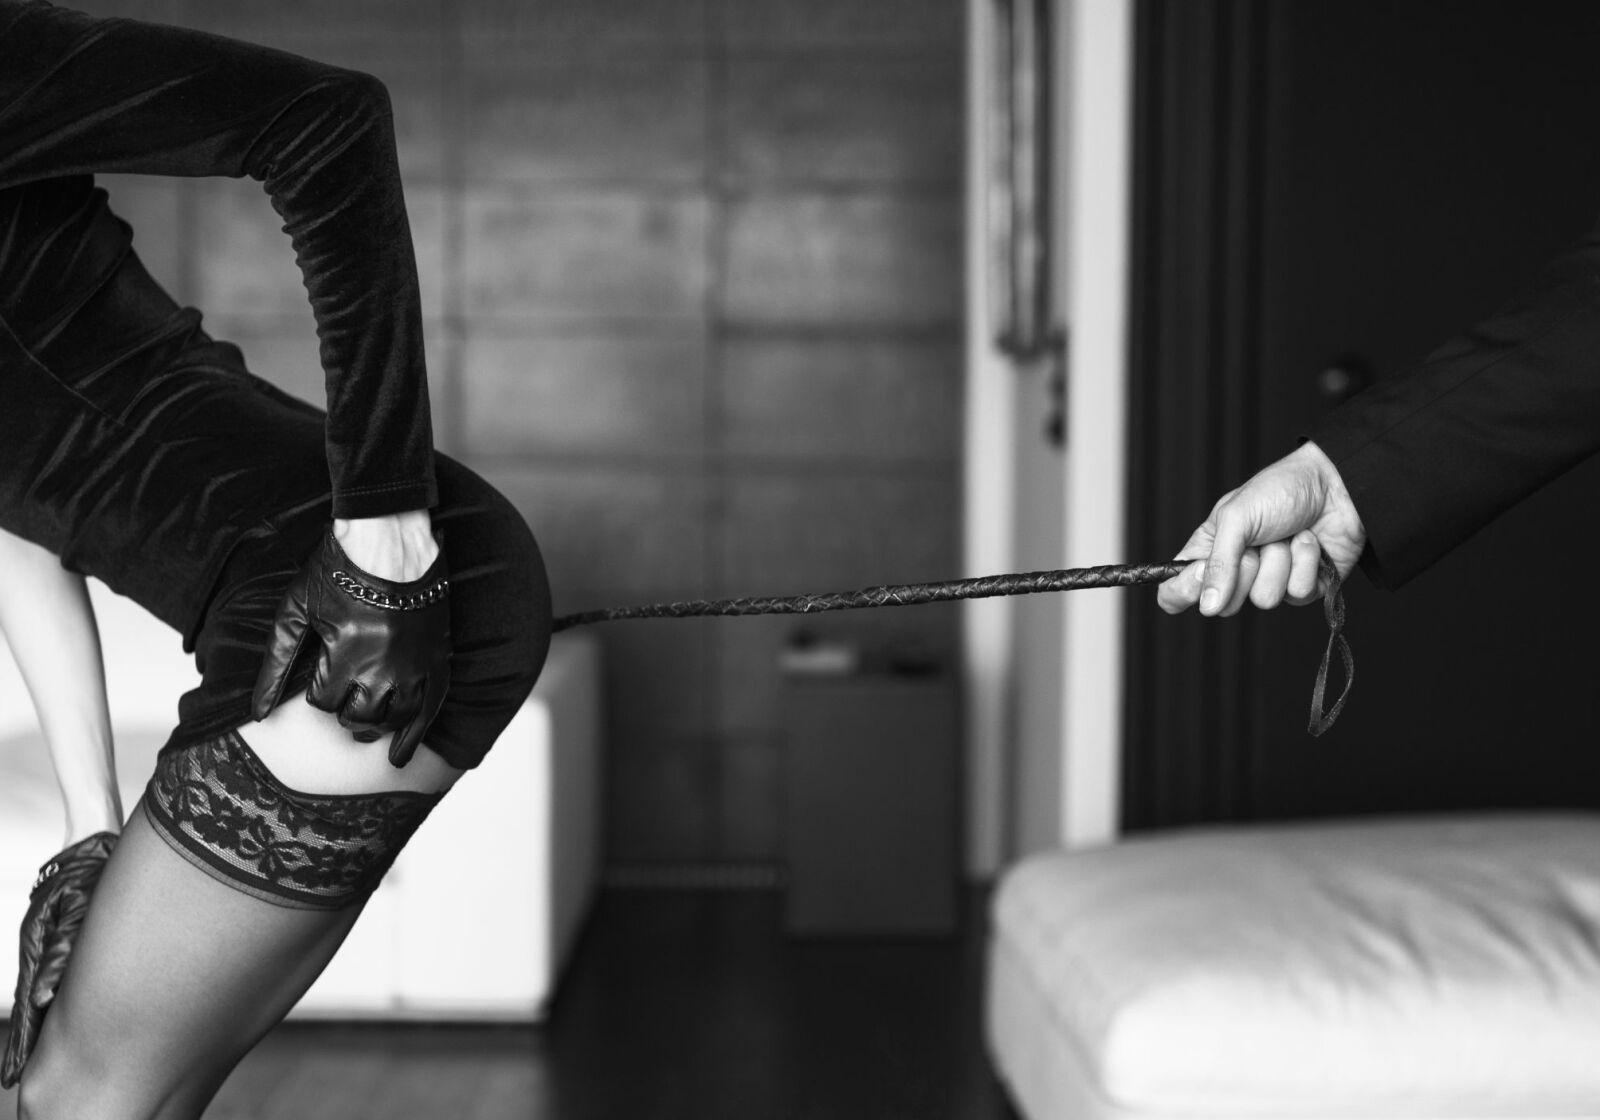 Секс с привязанной девушкой на дому, Порно видео онлайн: ДомашнееБондаж и связывание 9 фотография